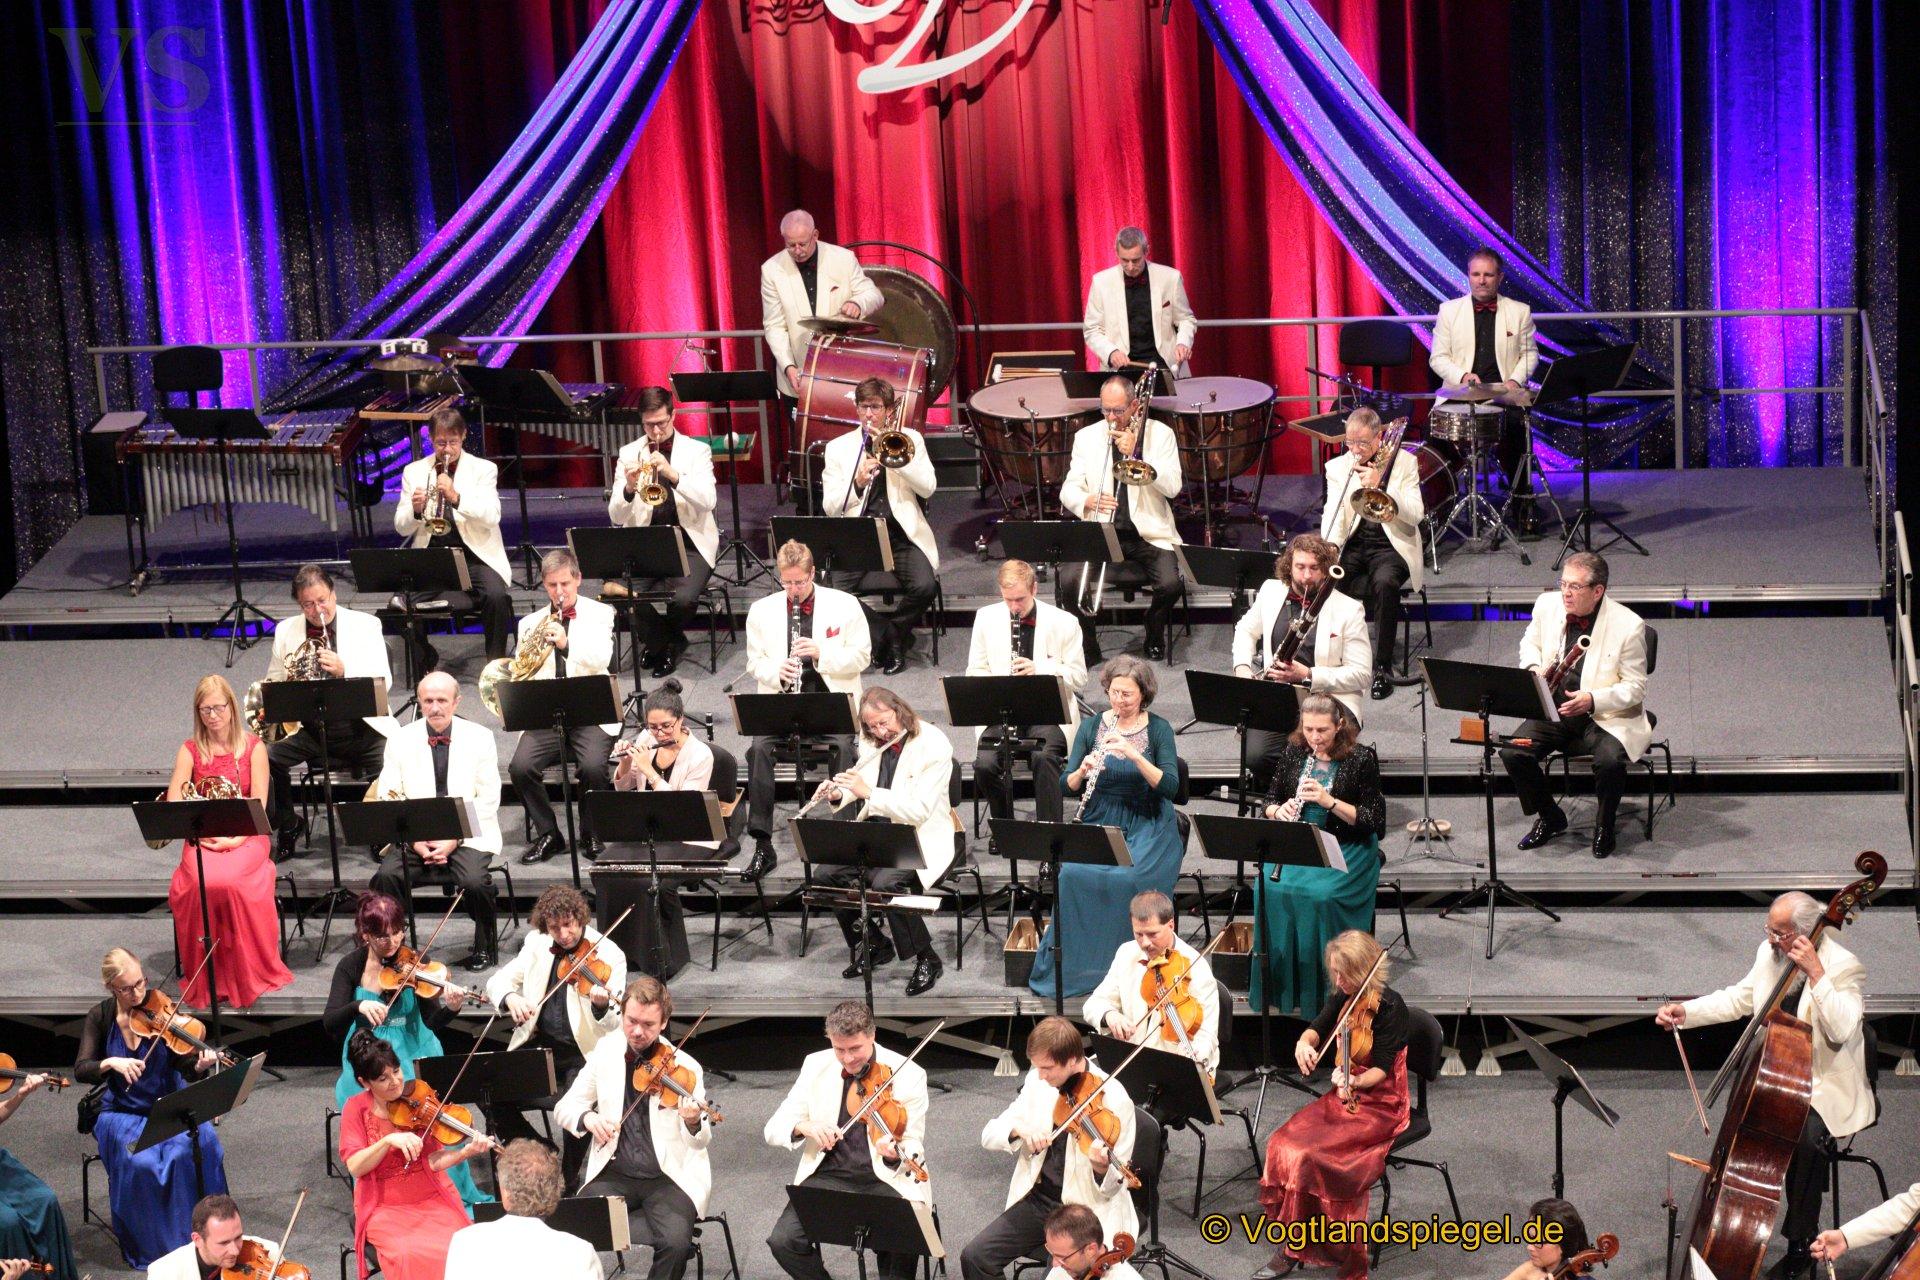 Über 350 Gäste erlebten am Mittwochnachmittag eine glanzvolle Aufführung der Vogtland Philharmonie Greiz/Reichenbach unter Leitung von GMD Stefan Fraas.